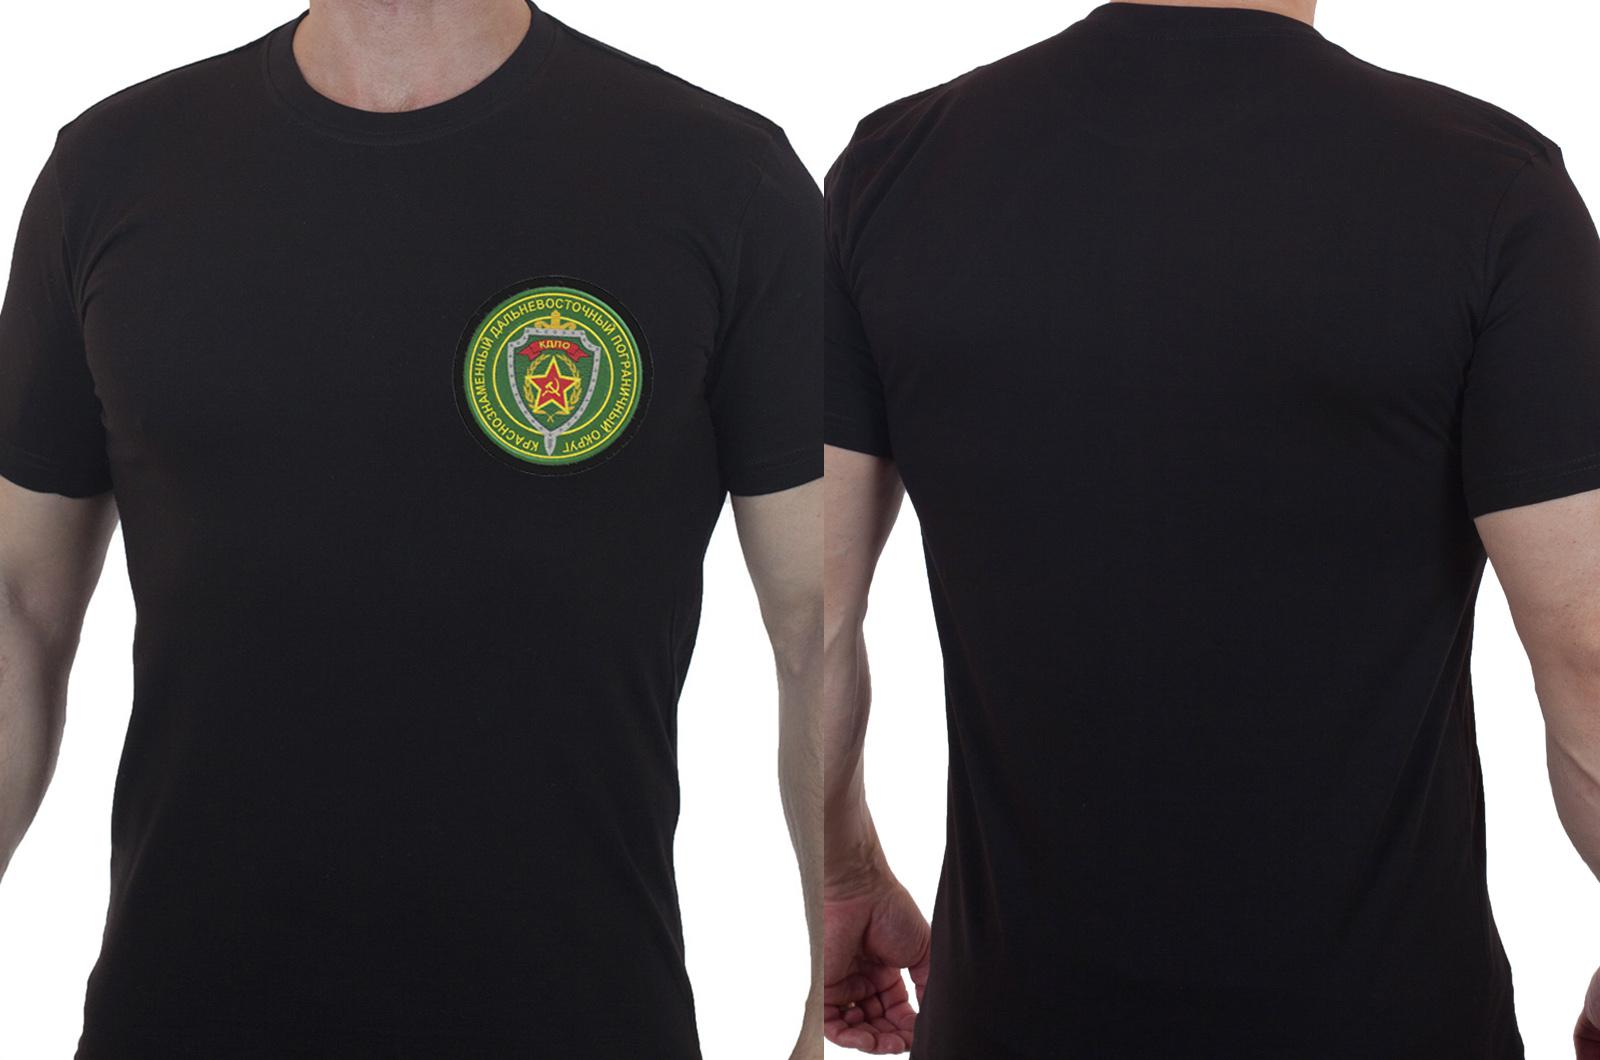 Мужская футболка с эмблемой Дальневосточного пограничного округа.